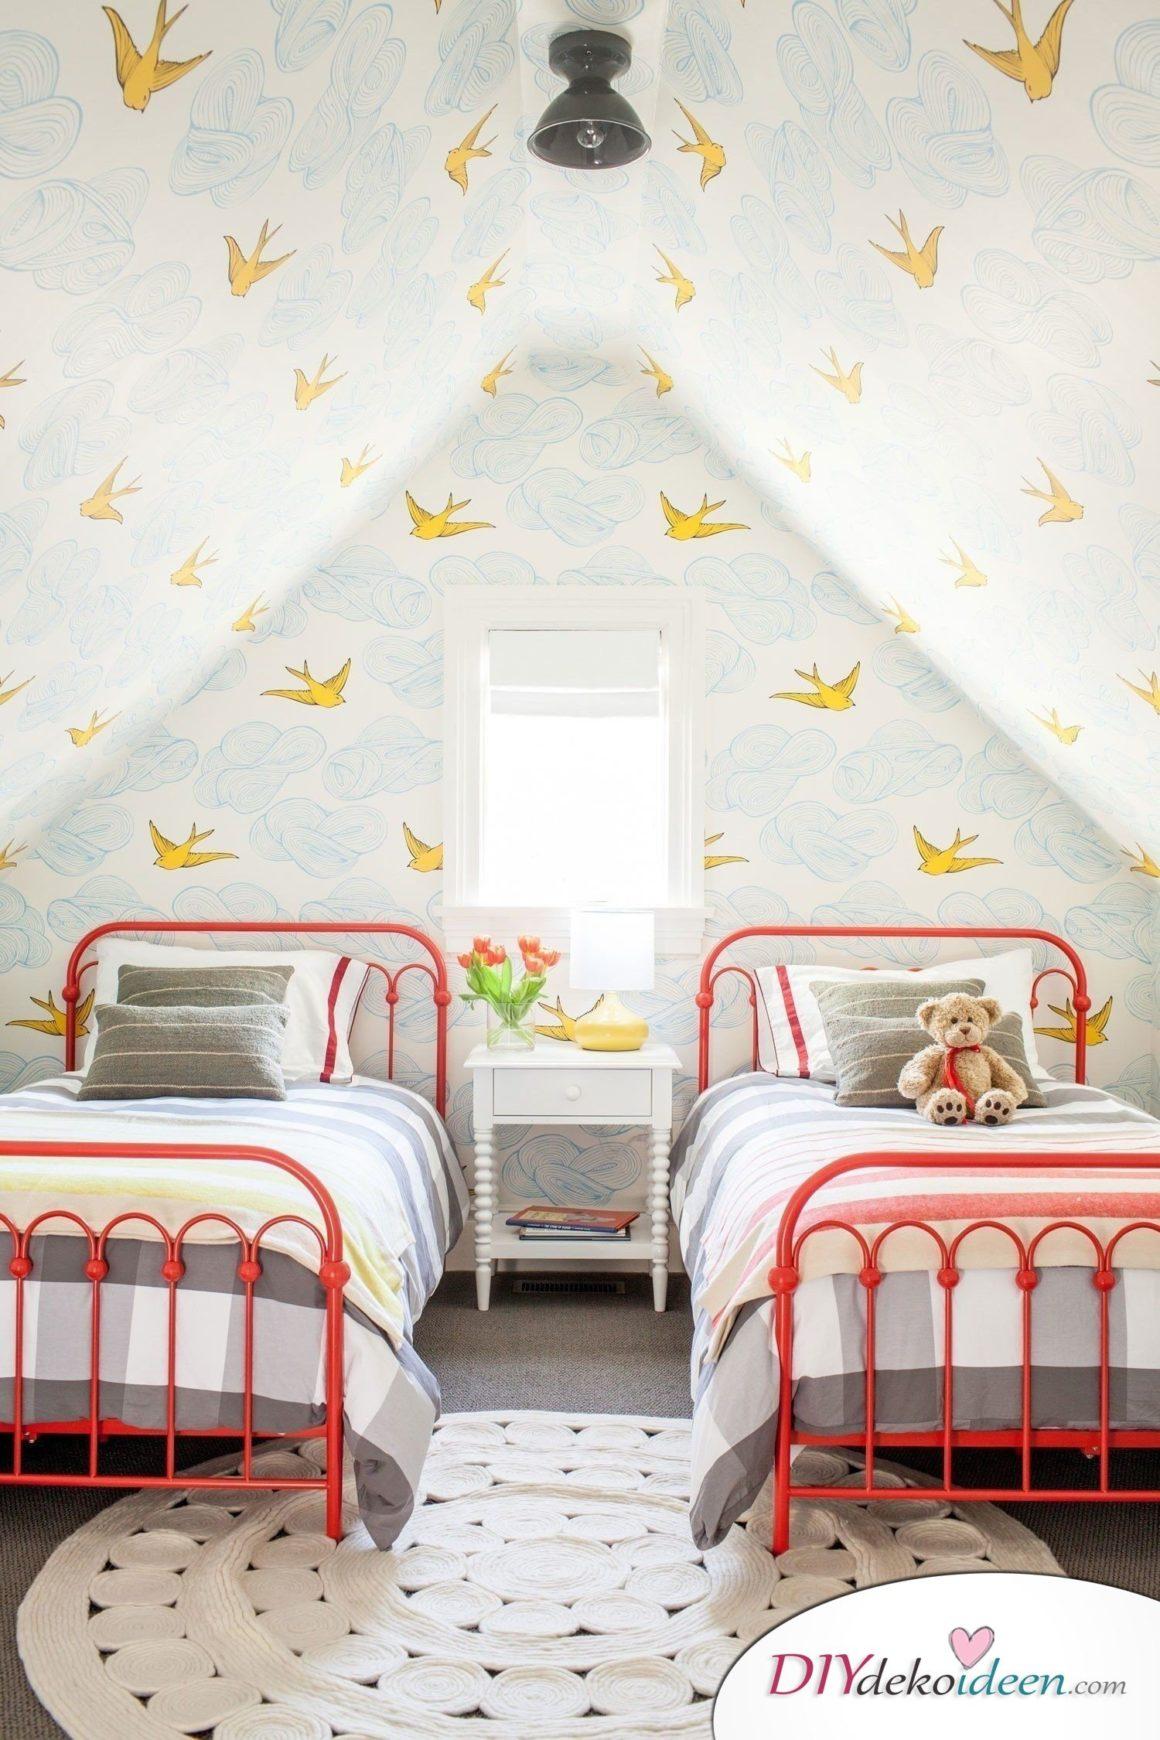 Dachbodenzimmer einrichten mit diesen tollen DIY Dekoideen - Tapeten